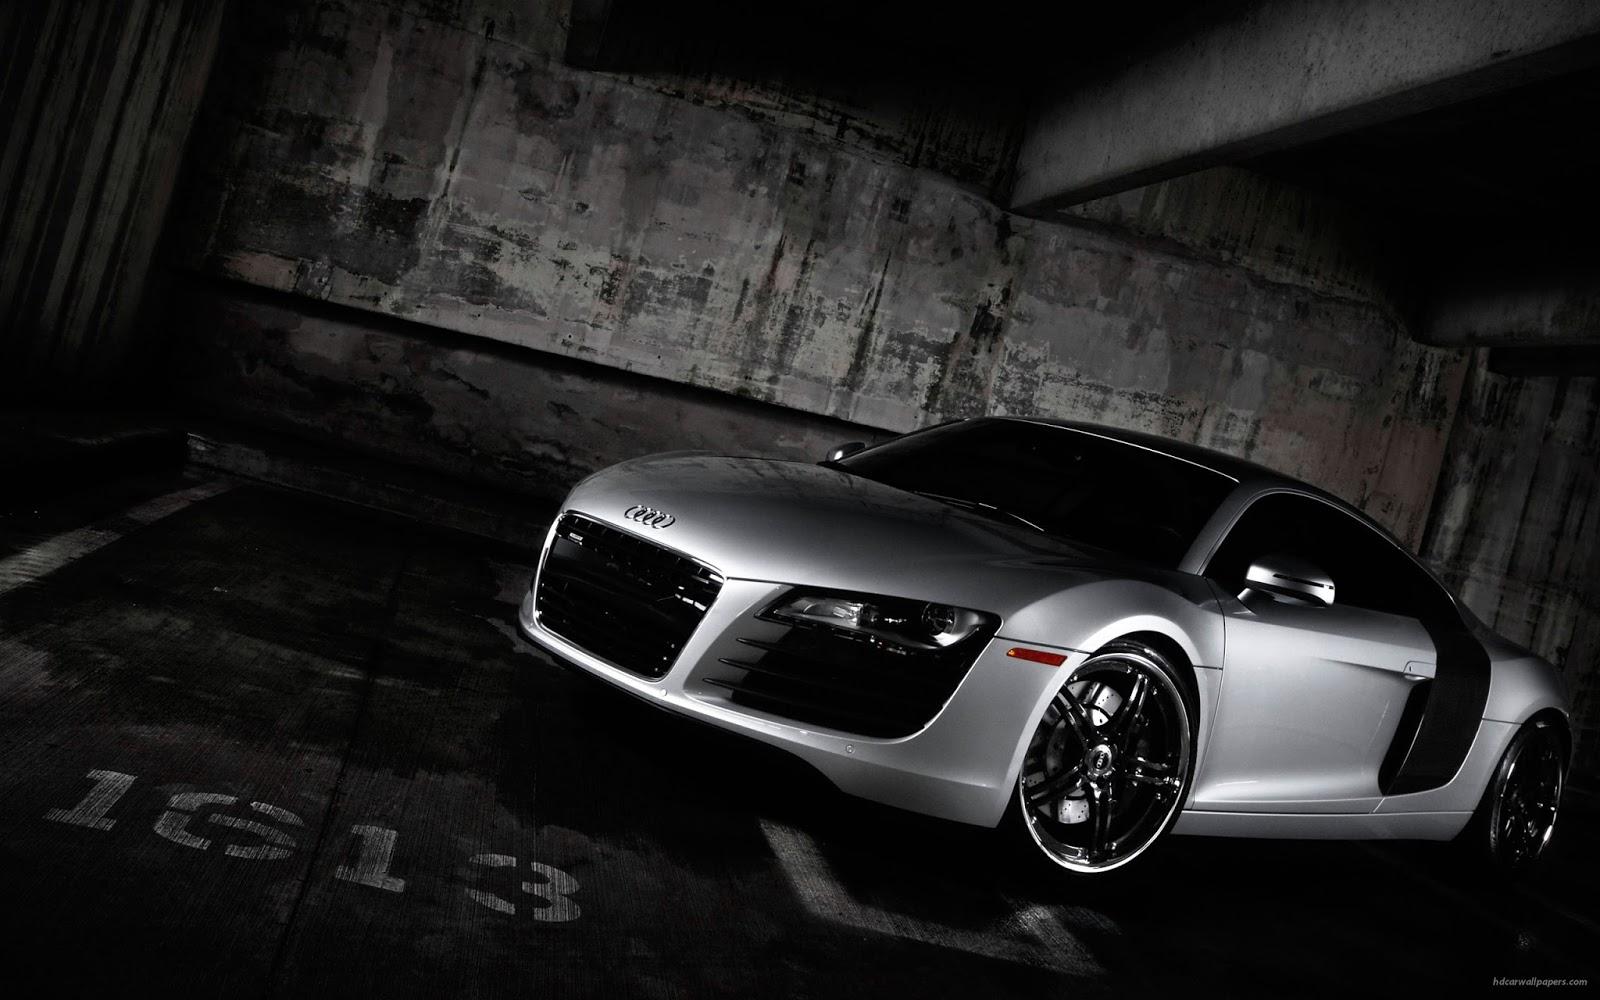 Audi R8 Wallpaper Cars Wallpapers